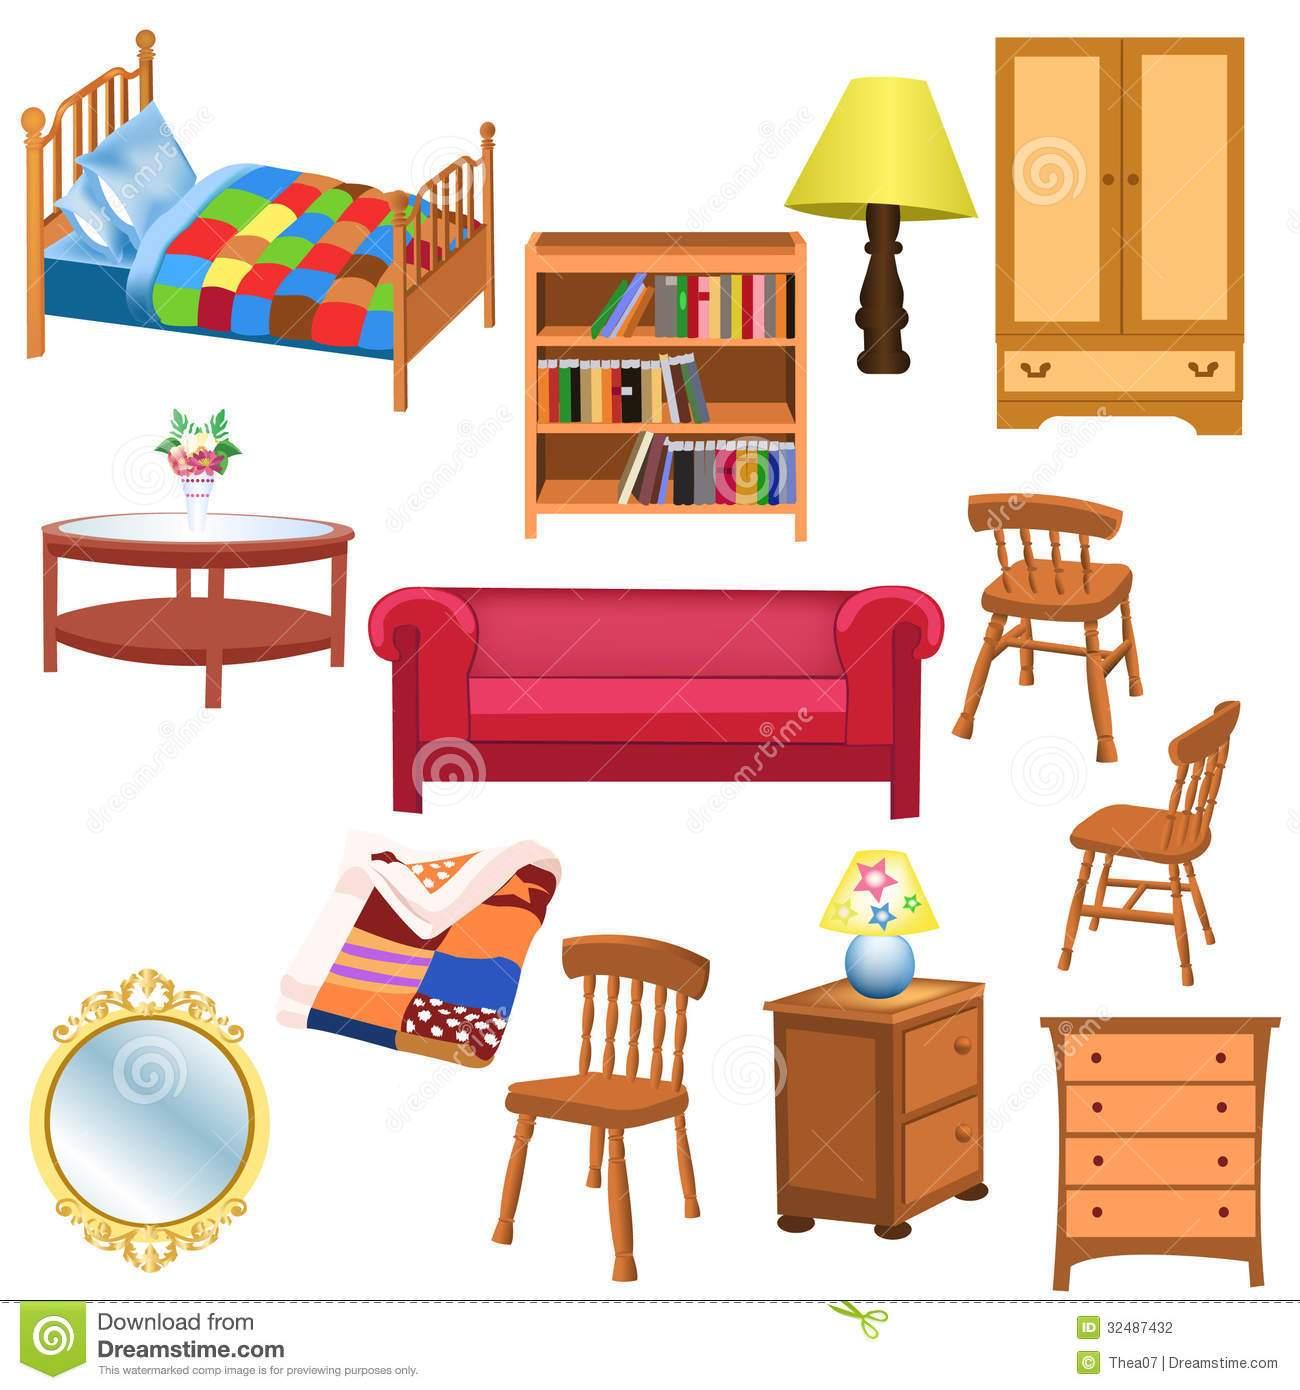 Furniture shop clipart.